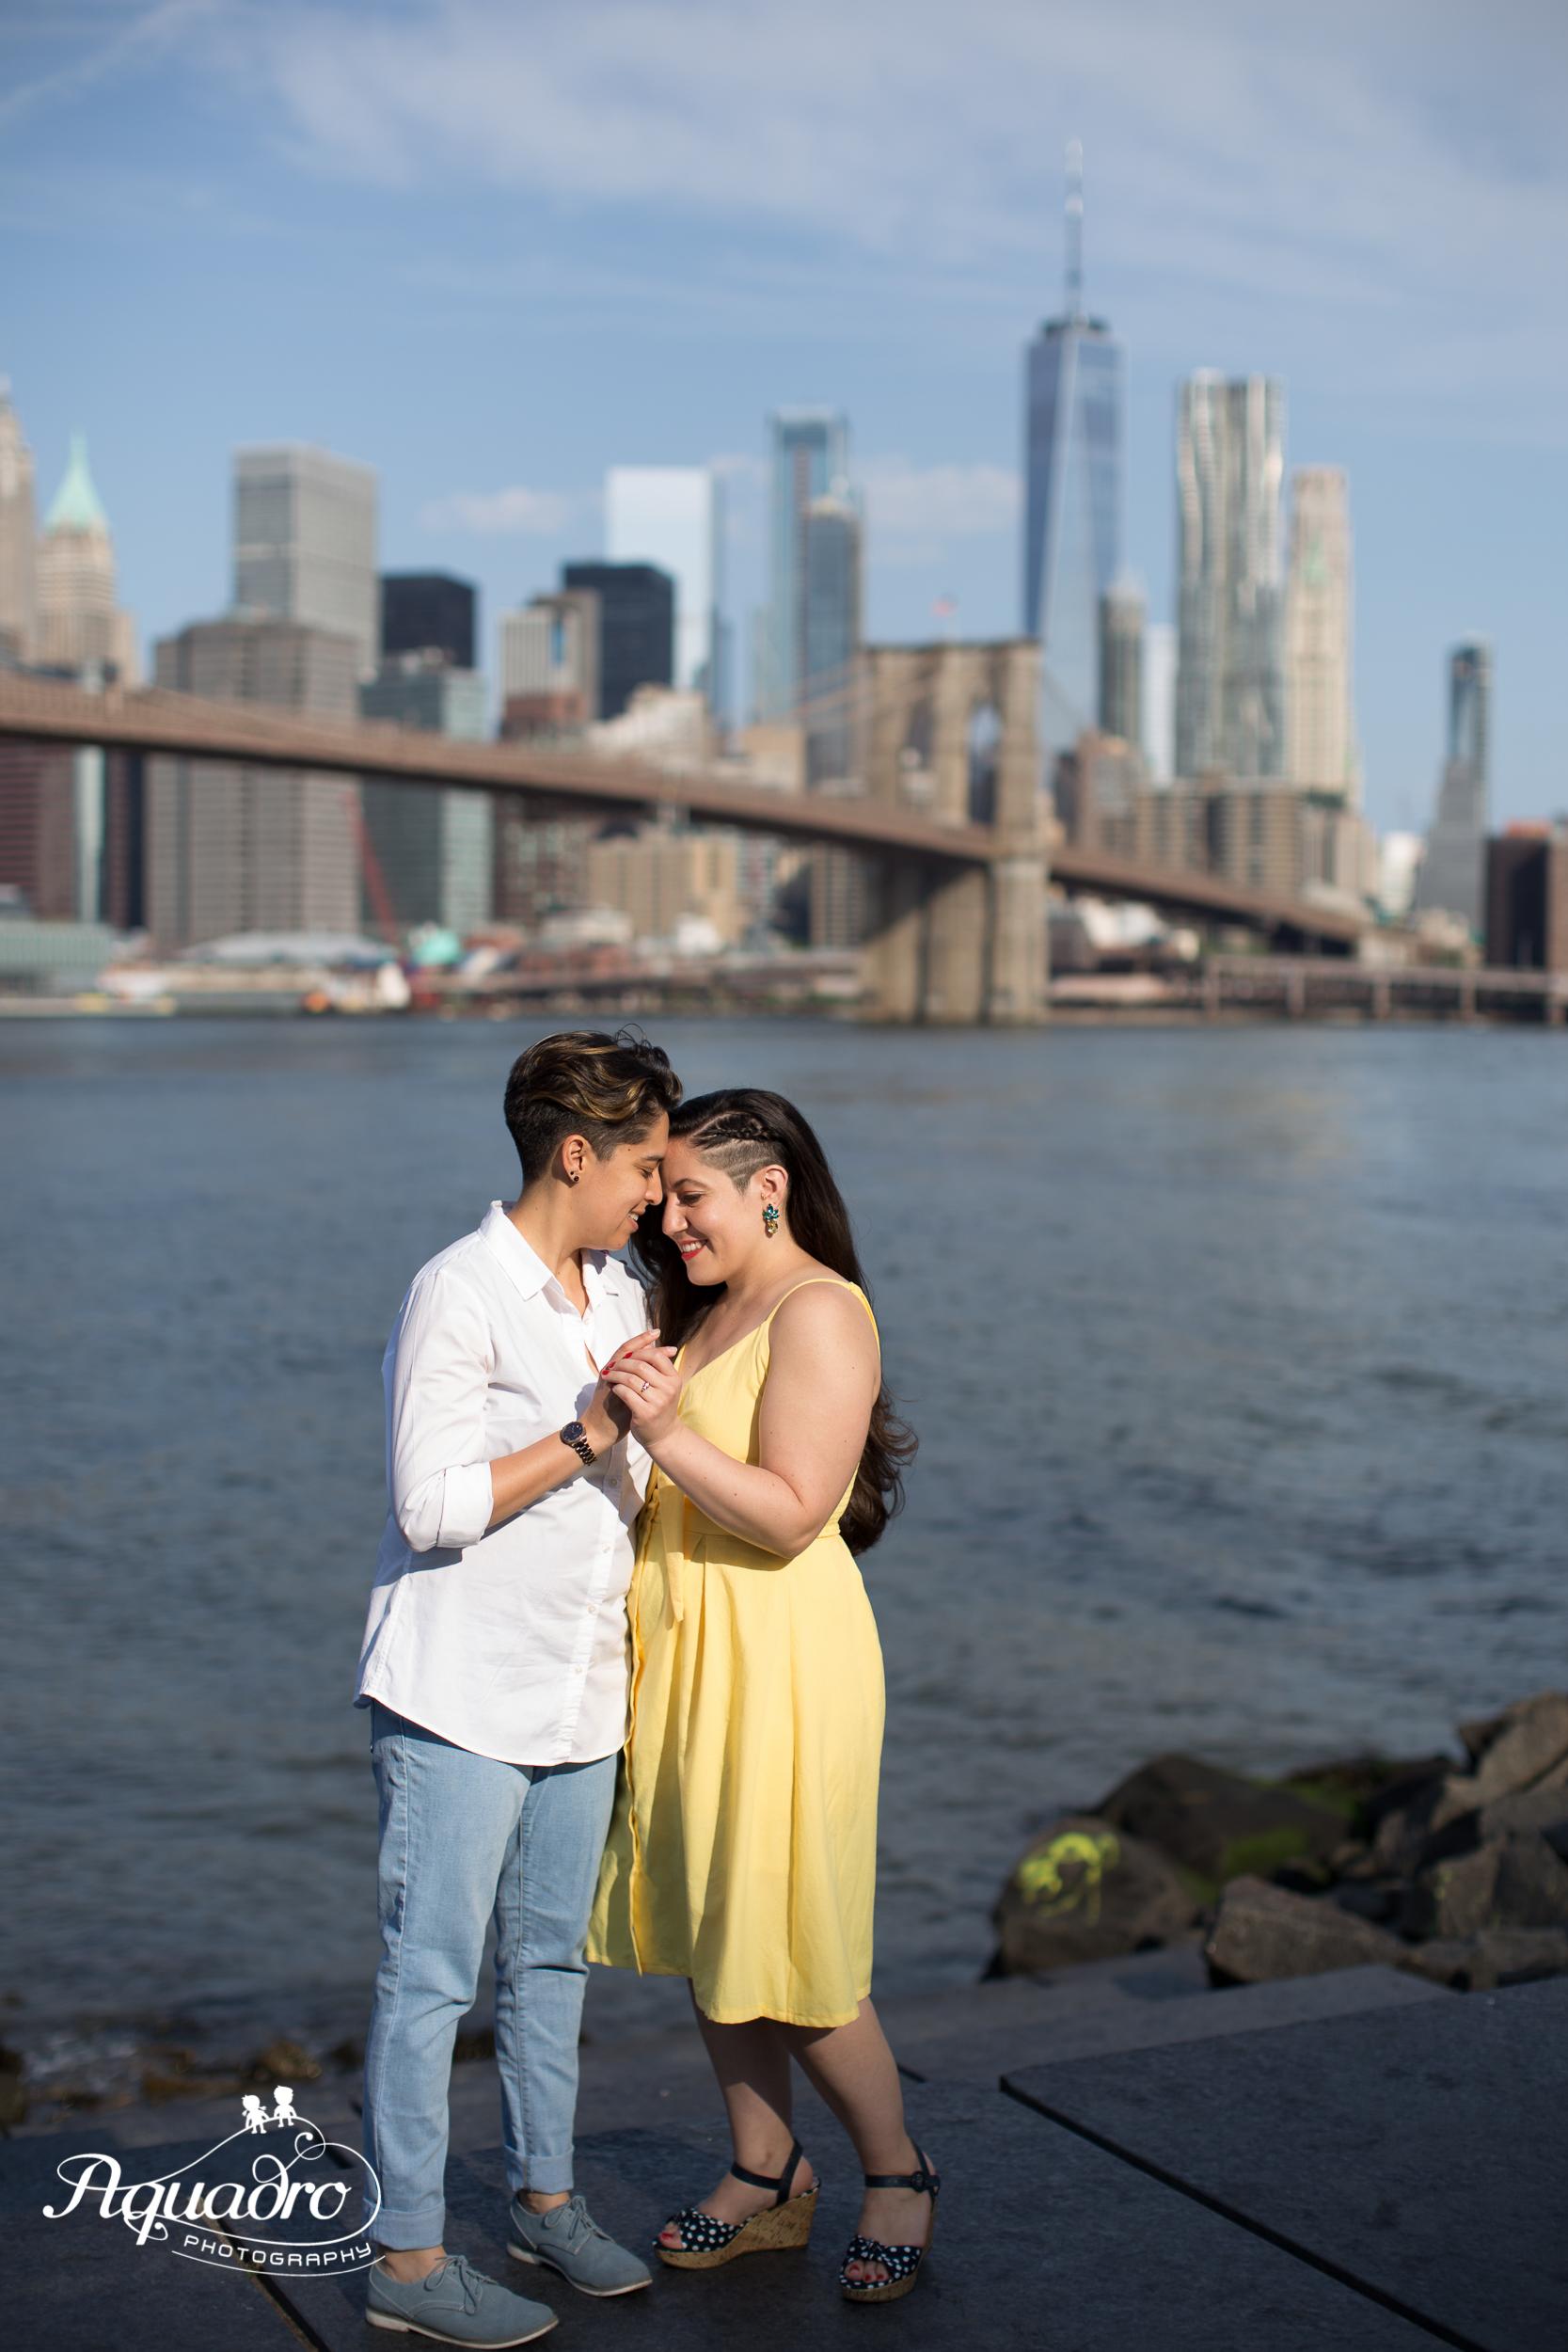 NYC Skyline Background